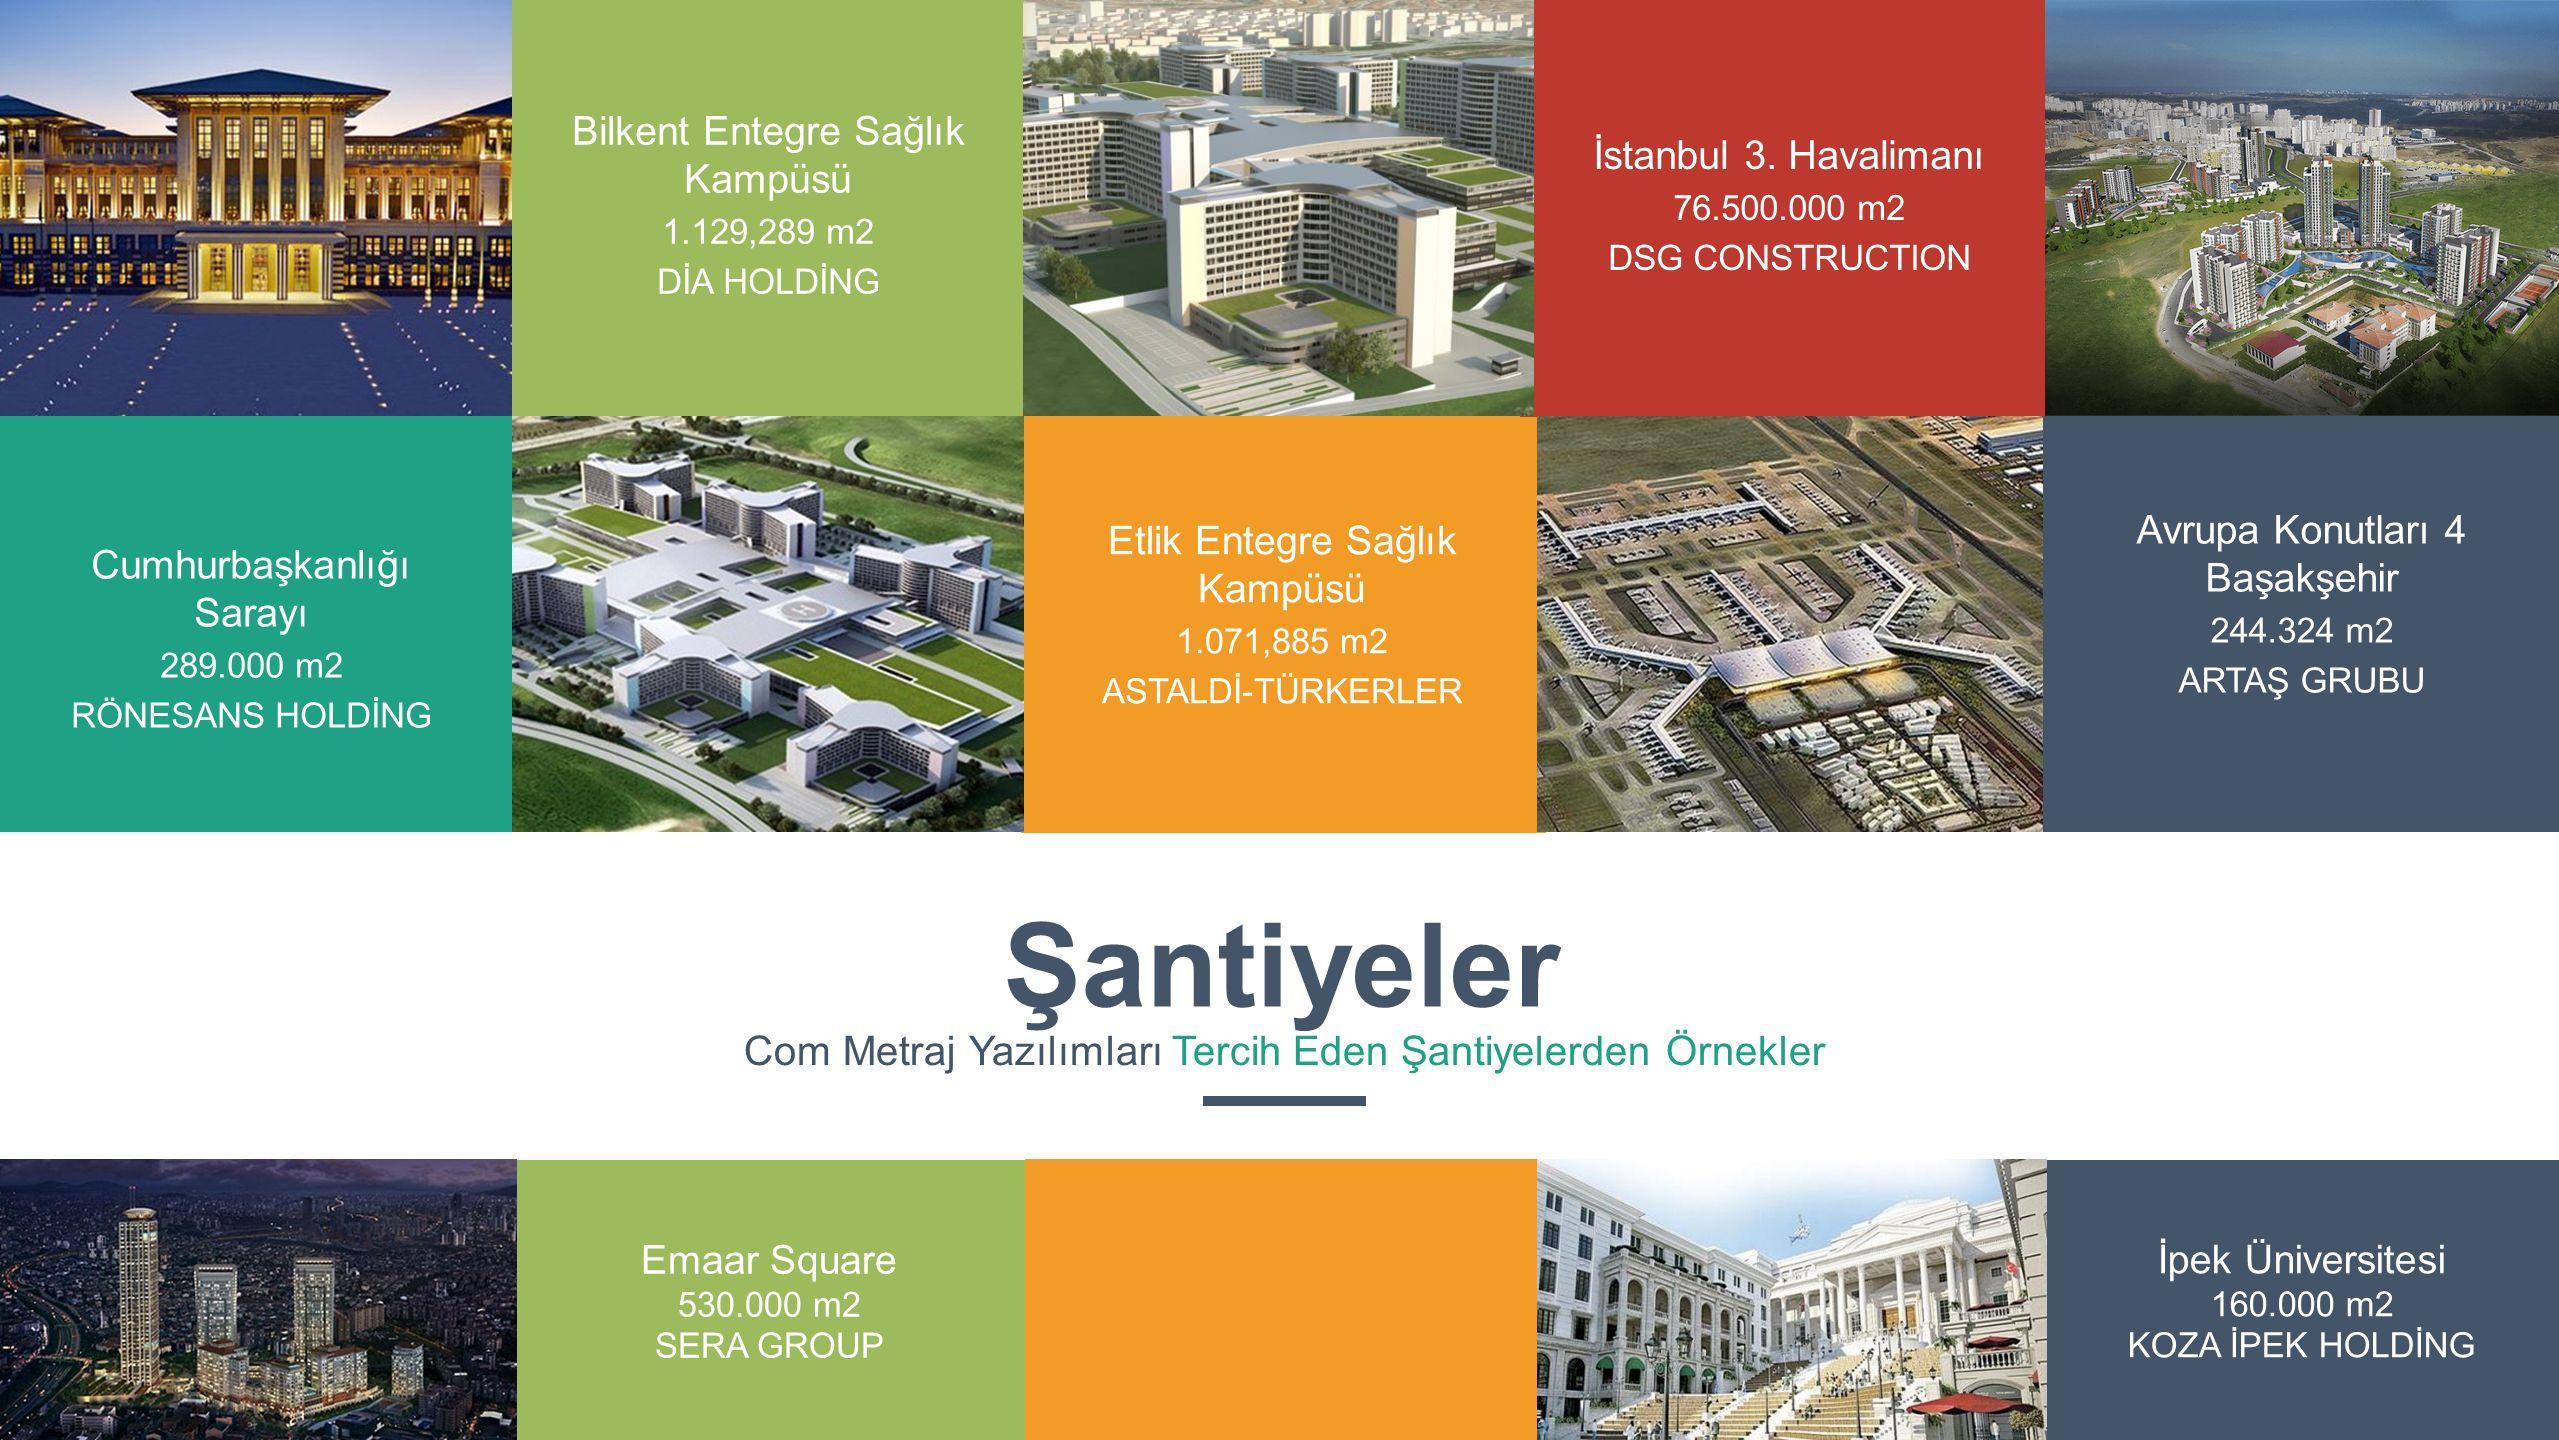 Şantiyeler Com Metraj Yazılımları Tercih Eden Şantiyelerden Örnekler Cumhurbaşkanlığı Sarayı 289.000 m2 RÖNESANS HOLDİNG Bilkent Entegre Sağlık Kampüs